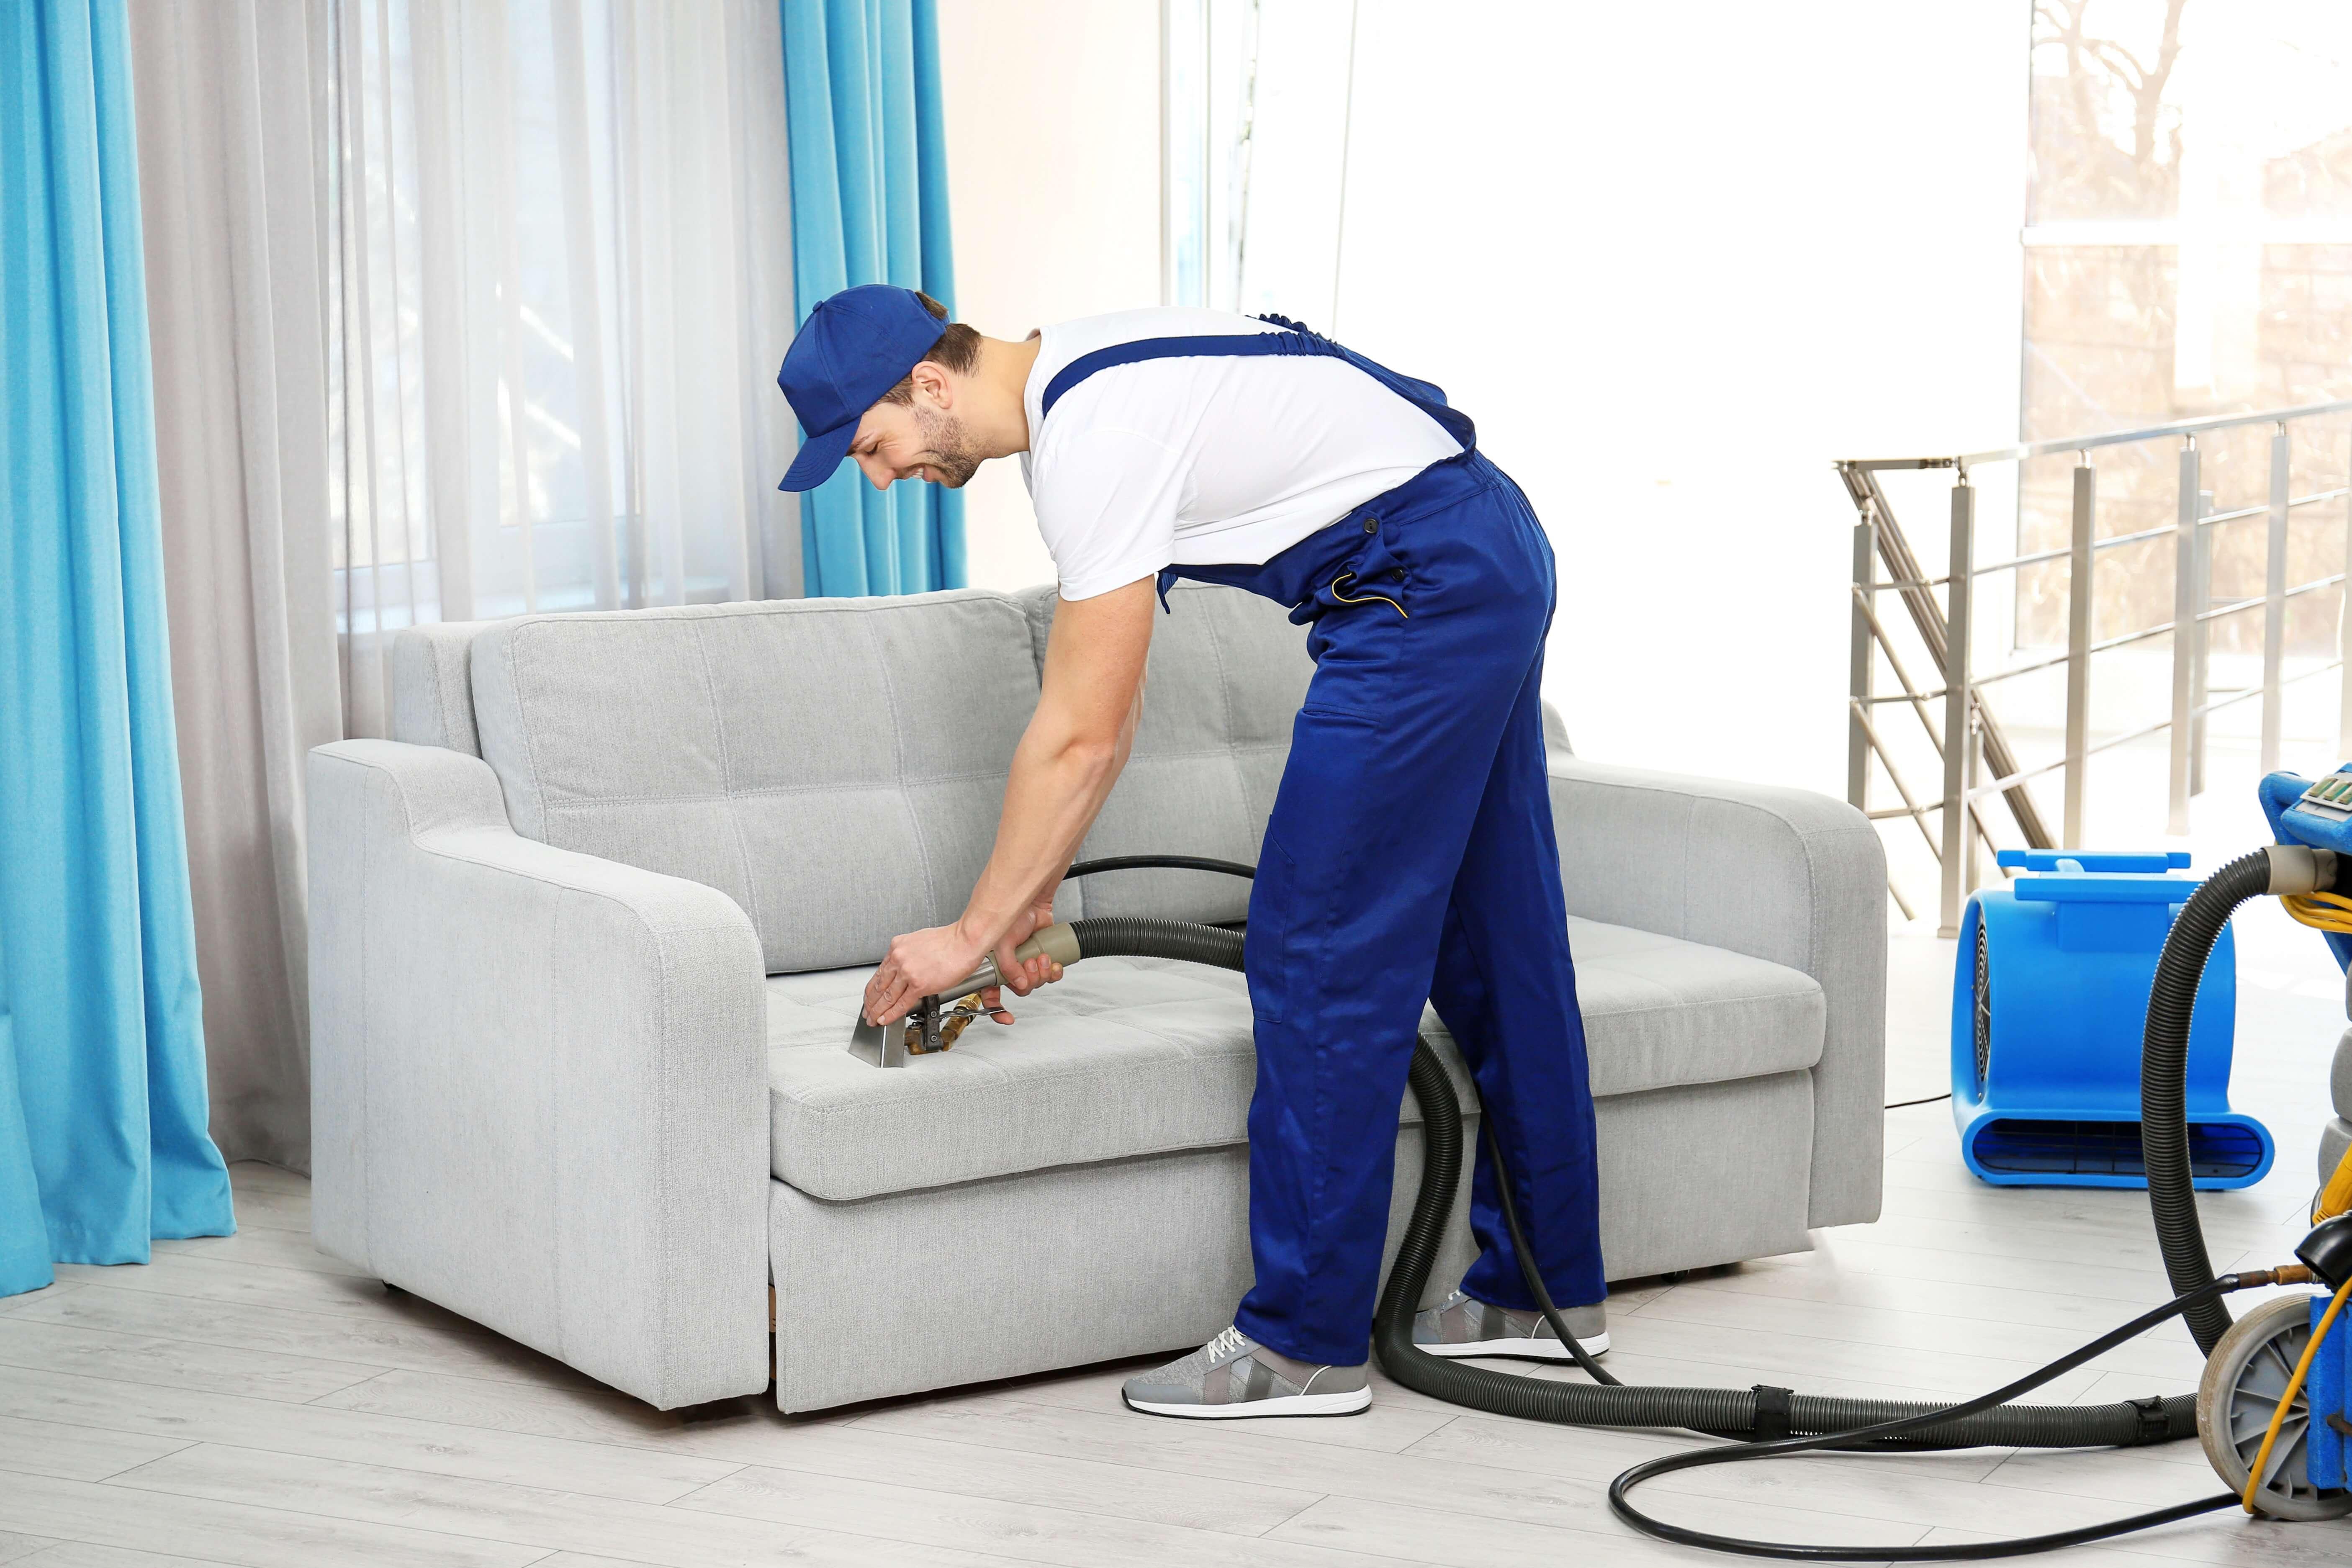 Химчистка мебели, виды, подходящие средства, пошаговый алгоритм